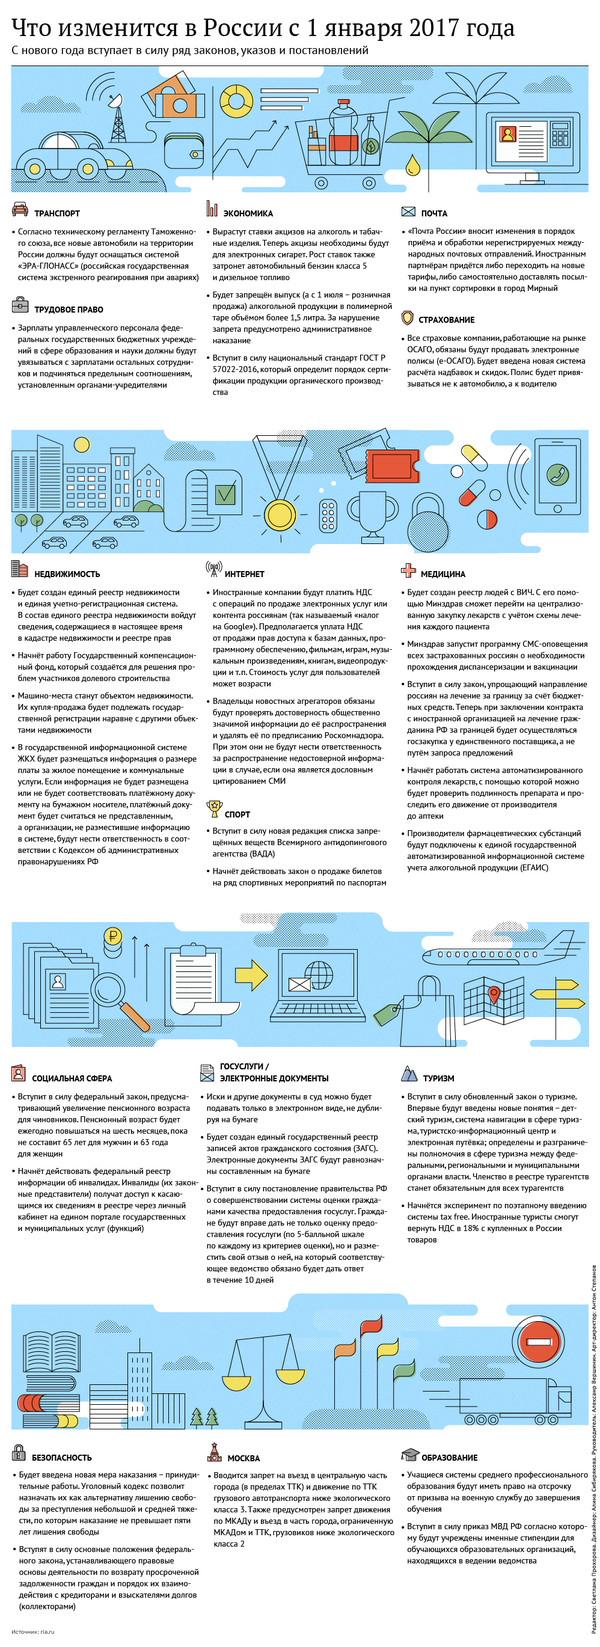 Что изменится в России с 1 января 2017 года инфографика, Политика, 2017, Январь 2017, длиннопост